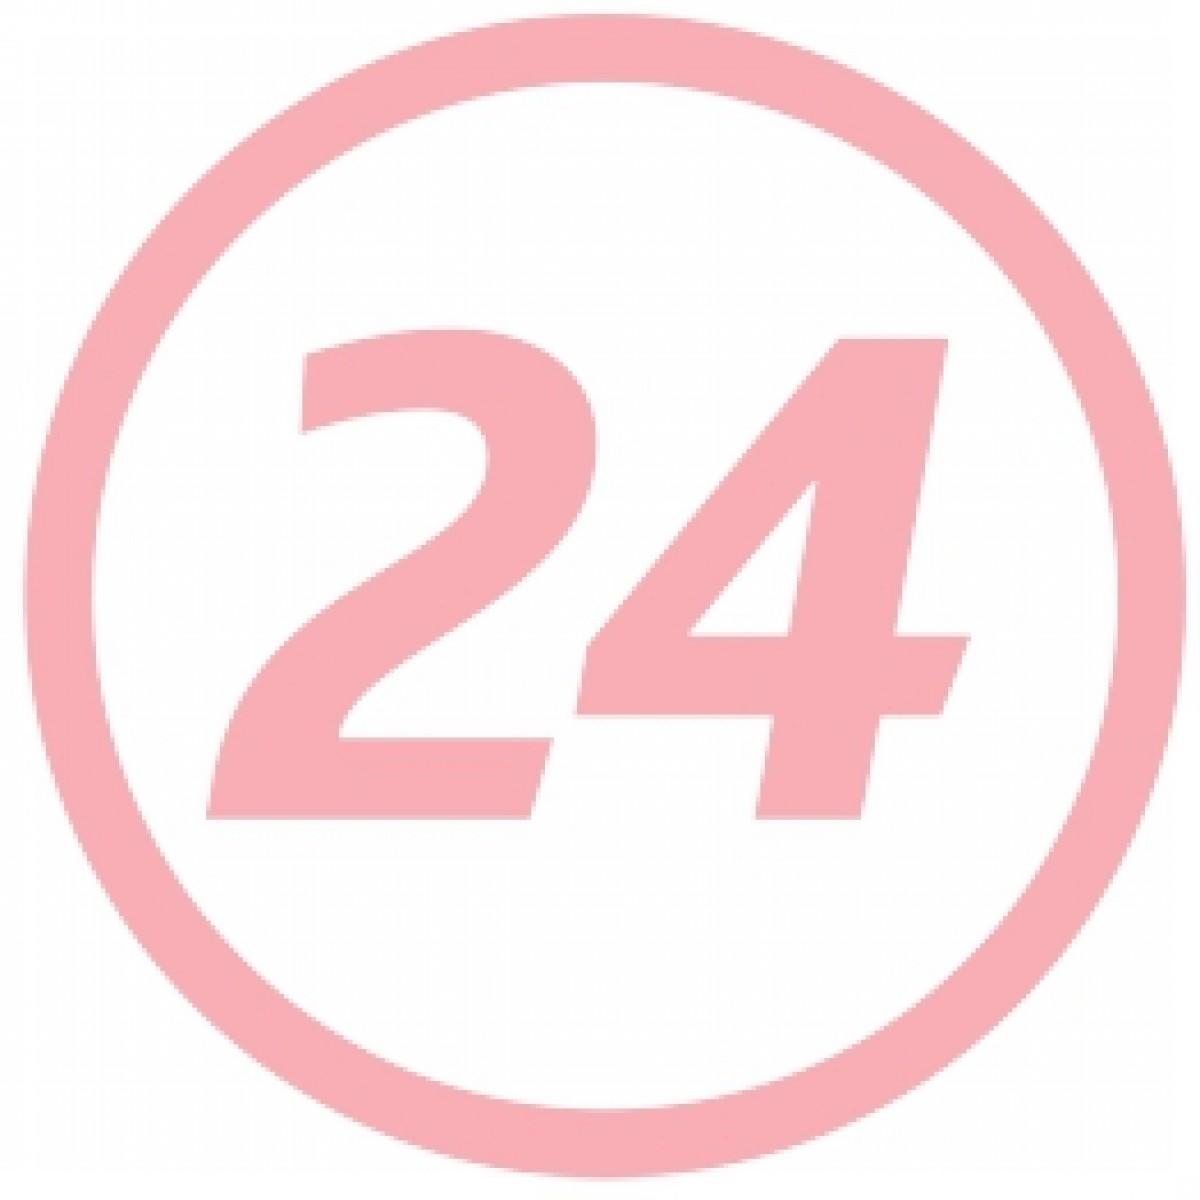 Cinci remedii naturale pentru răceală - Zewa